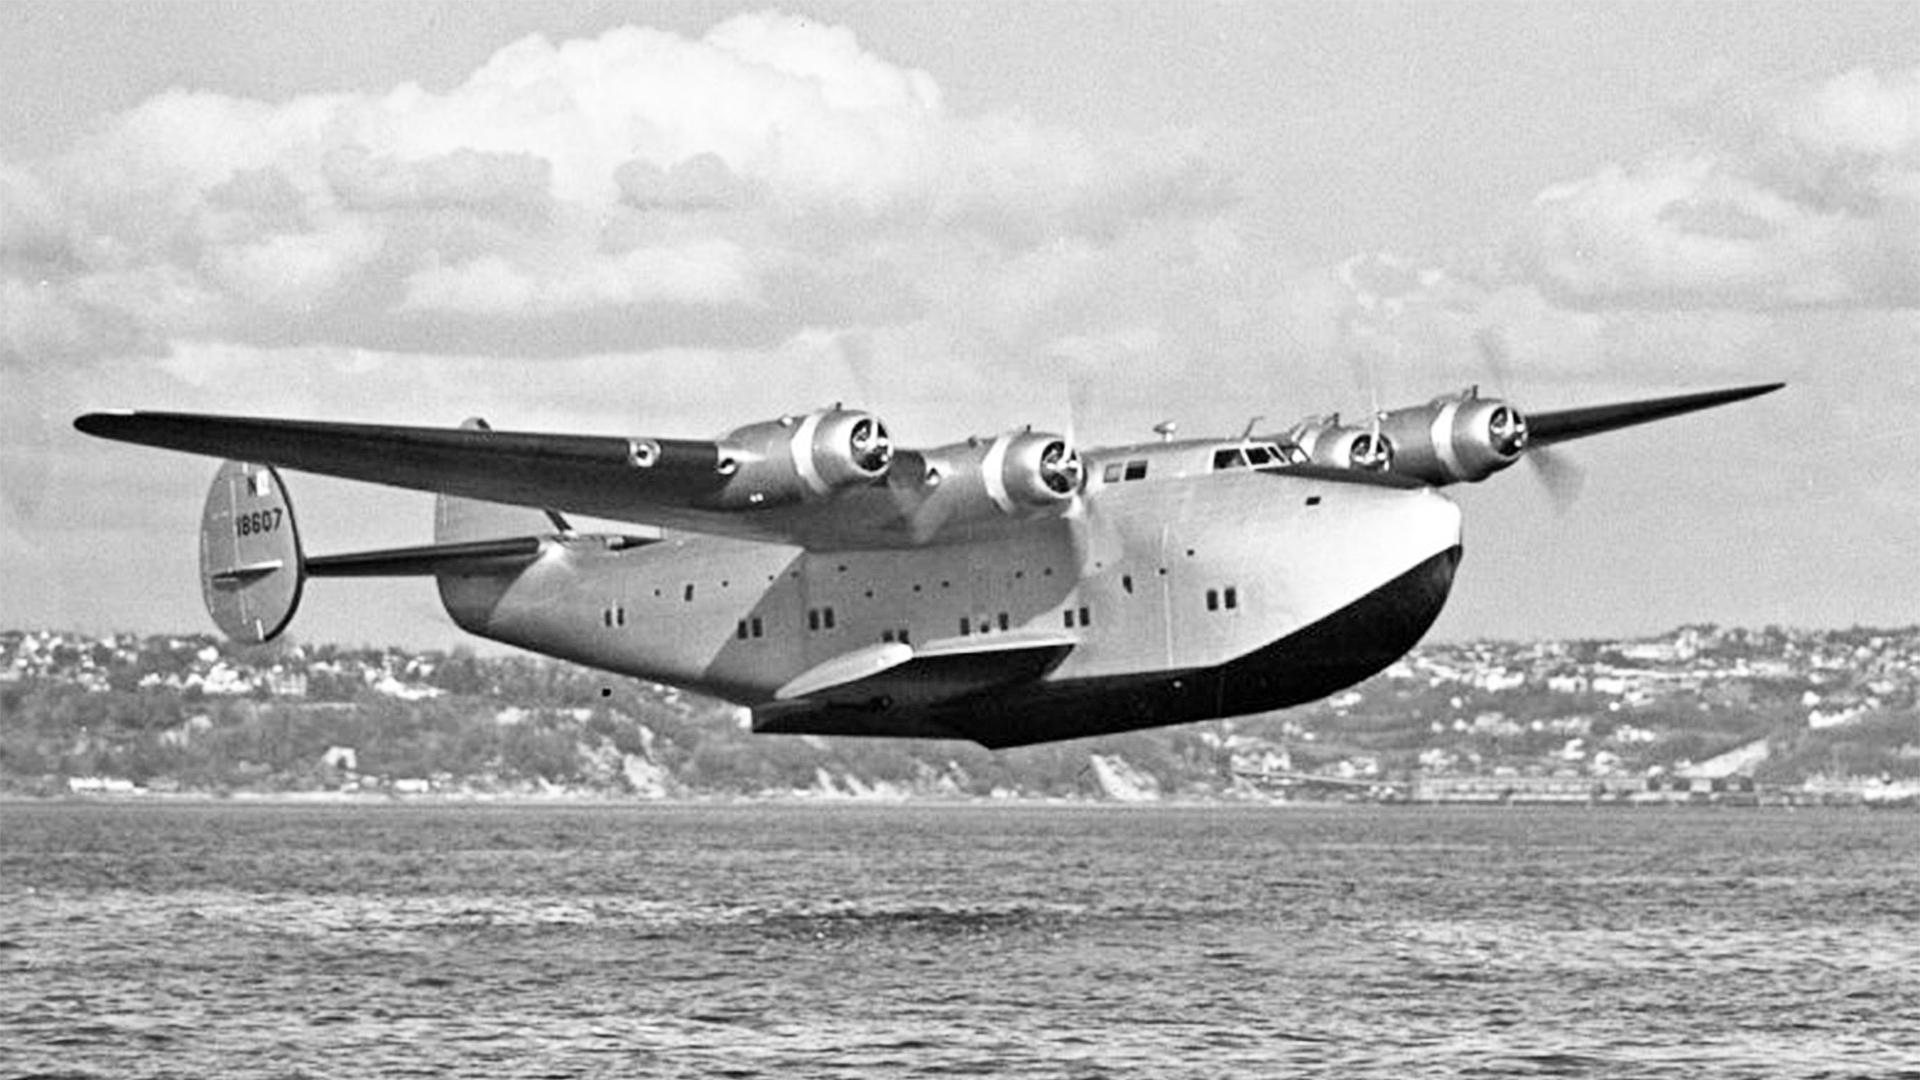 Boeing 314 Clipper, którym Ewa Curie jako reporterka doleciała do Afryki, gdzie pełniła funkcję korespondenta wojennego (fot. Wikimedia Commons)